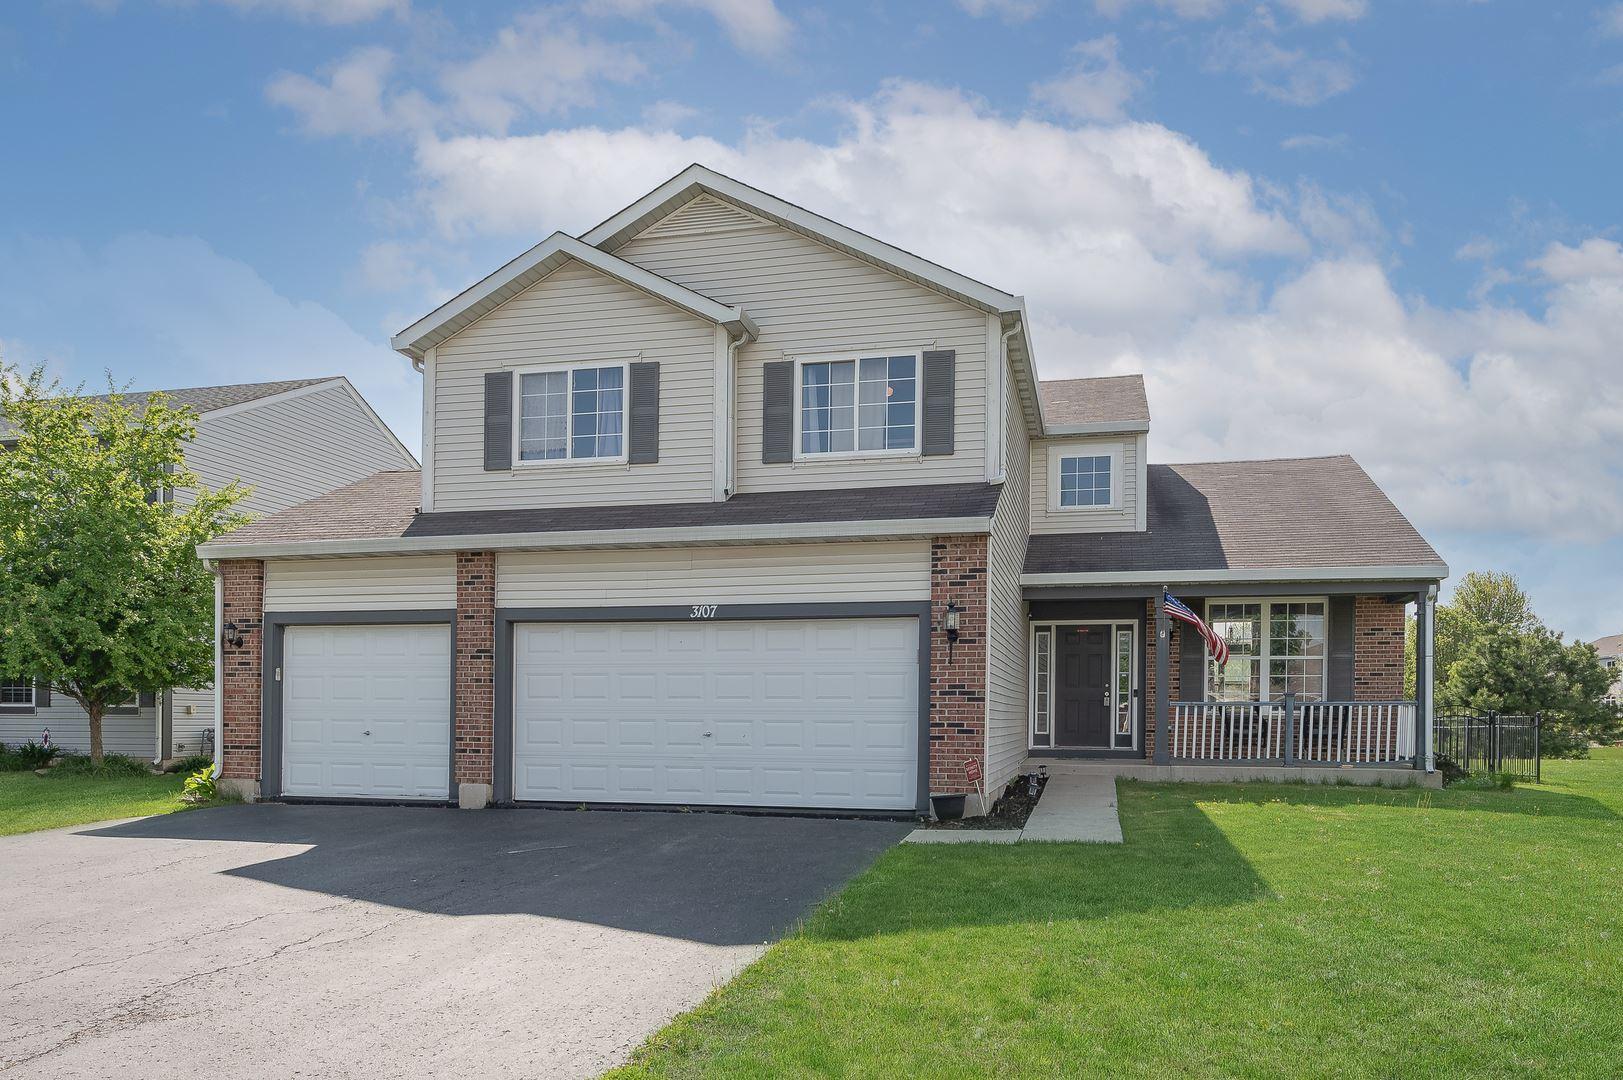 Photo of 3107 Twin Falls Drive, Plainfield, IL 60586 (MLS # 11080568)